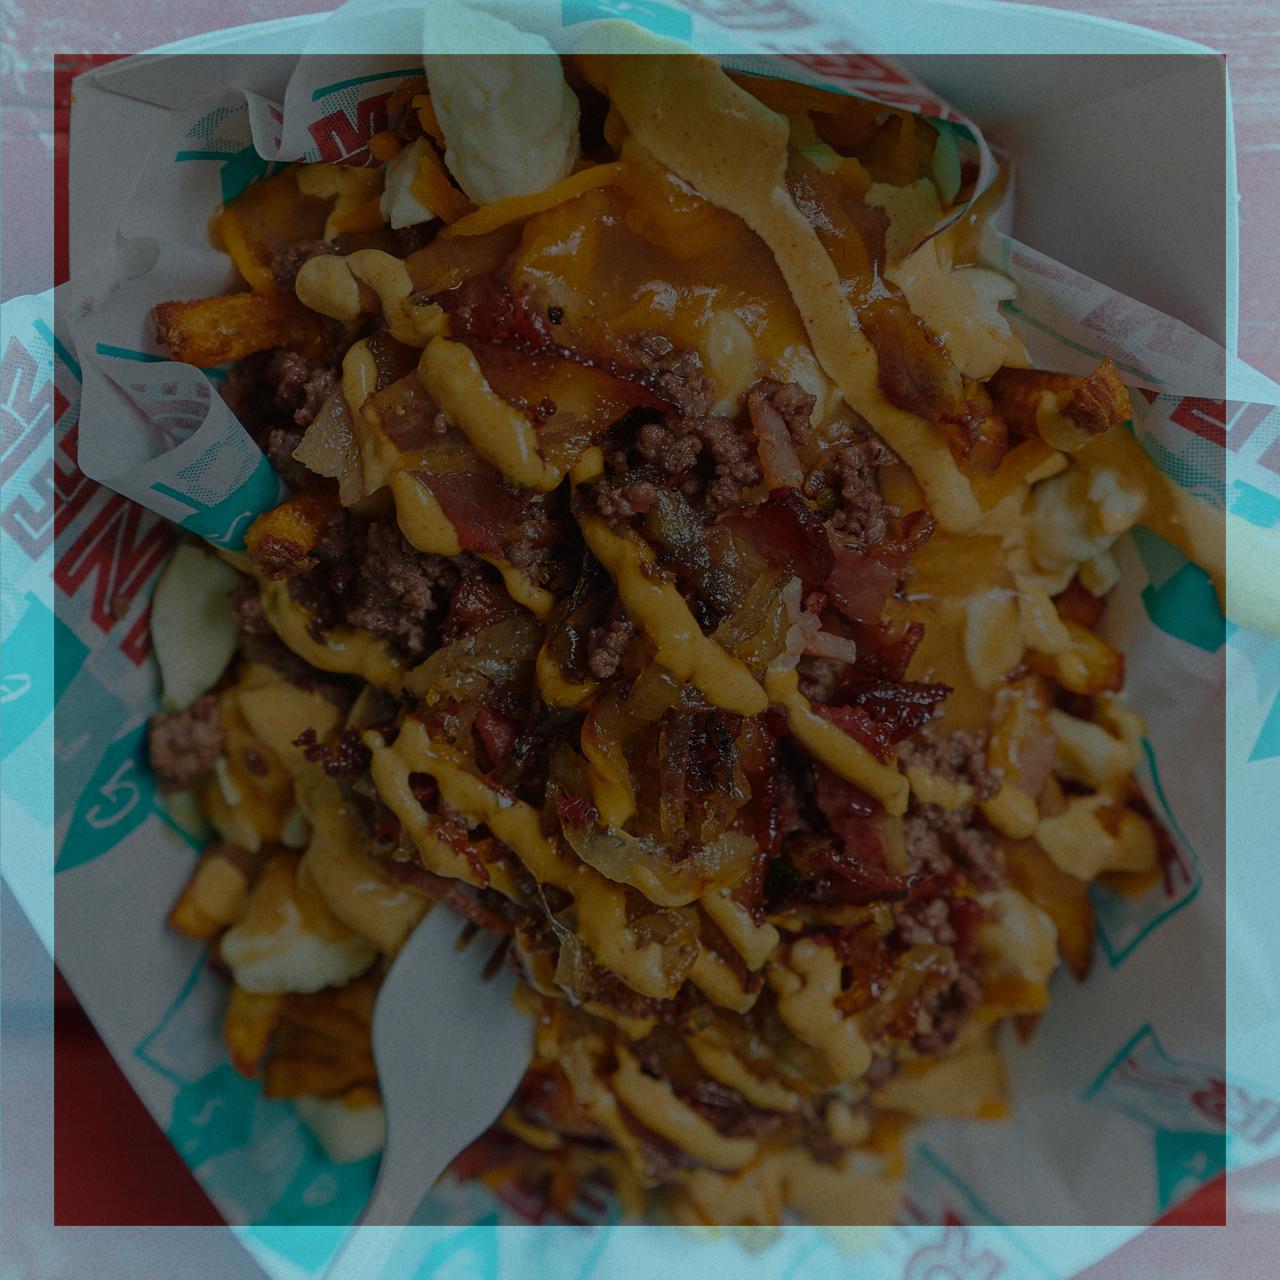 gregs-diner-food-truck-640x640@2x